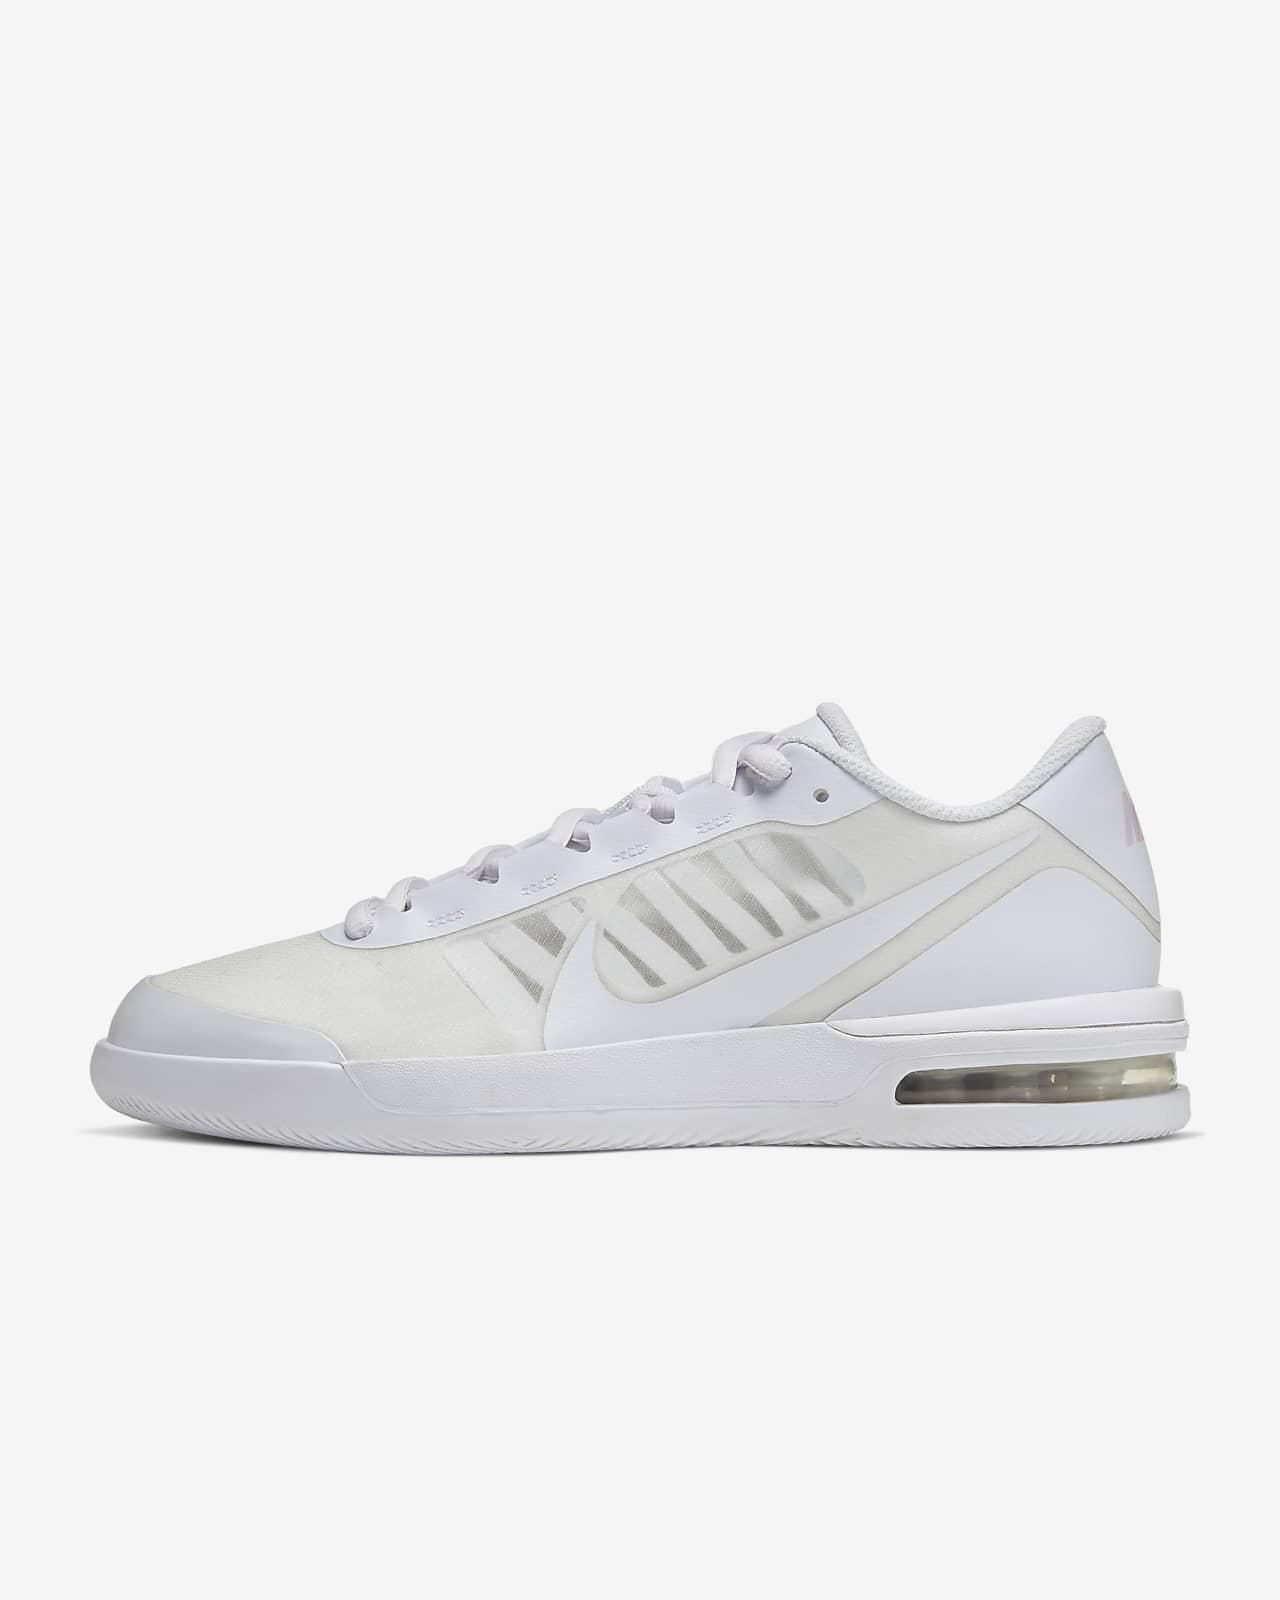 NikeCourt Air Max Vapor Wing MS Damen-Tennisschuh